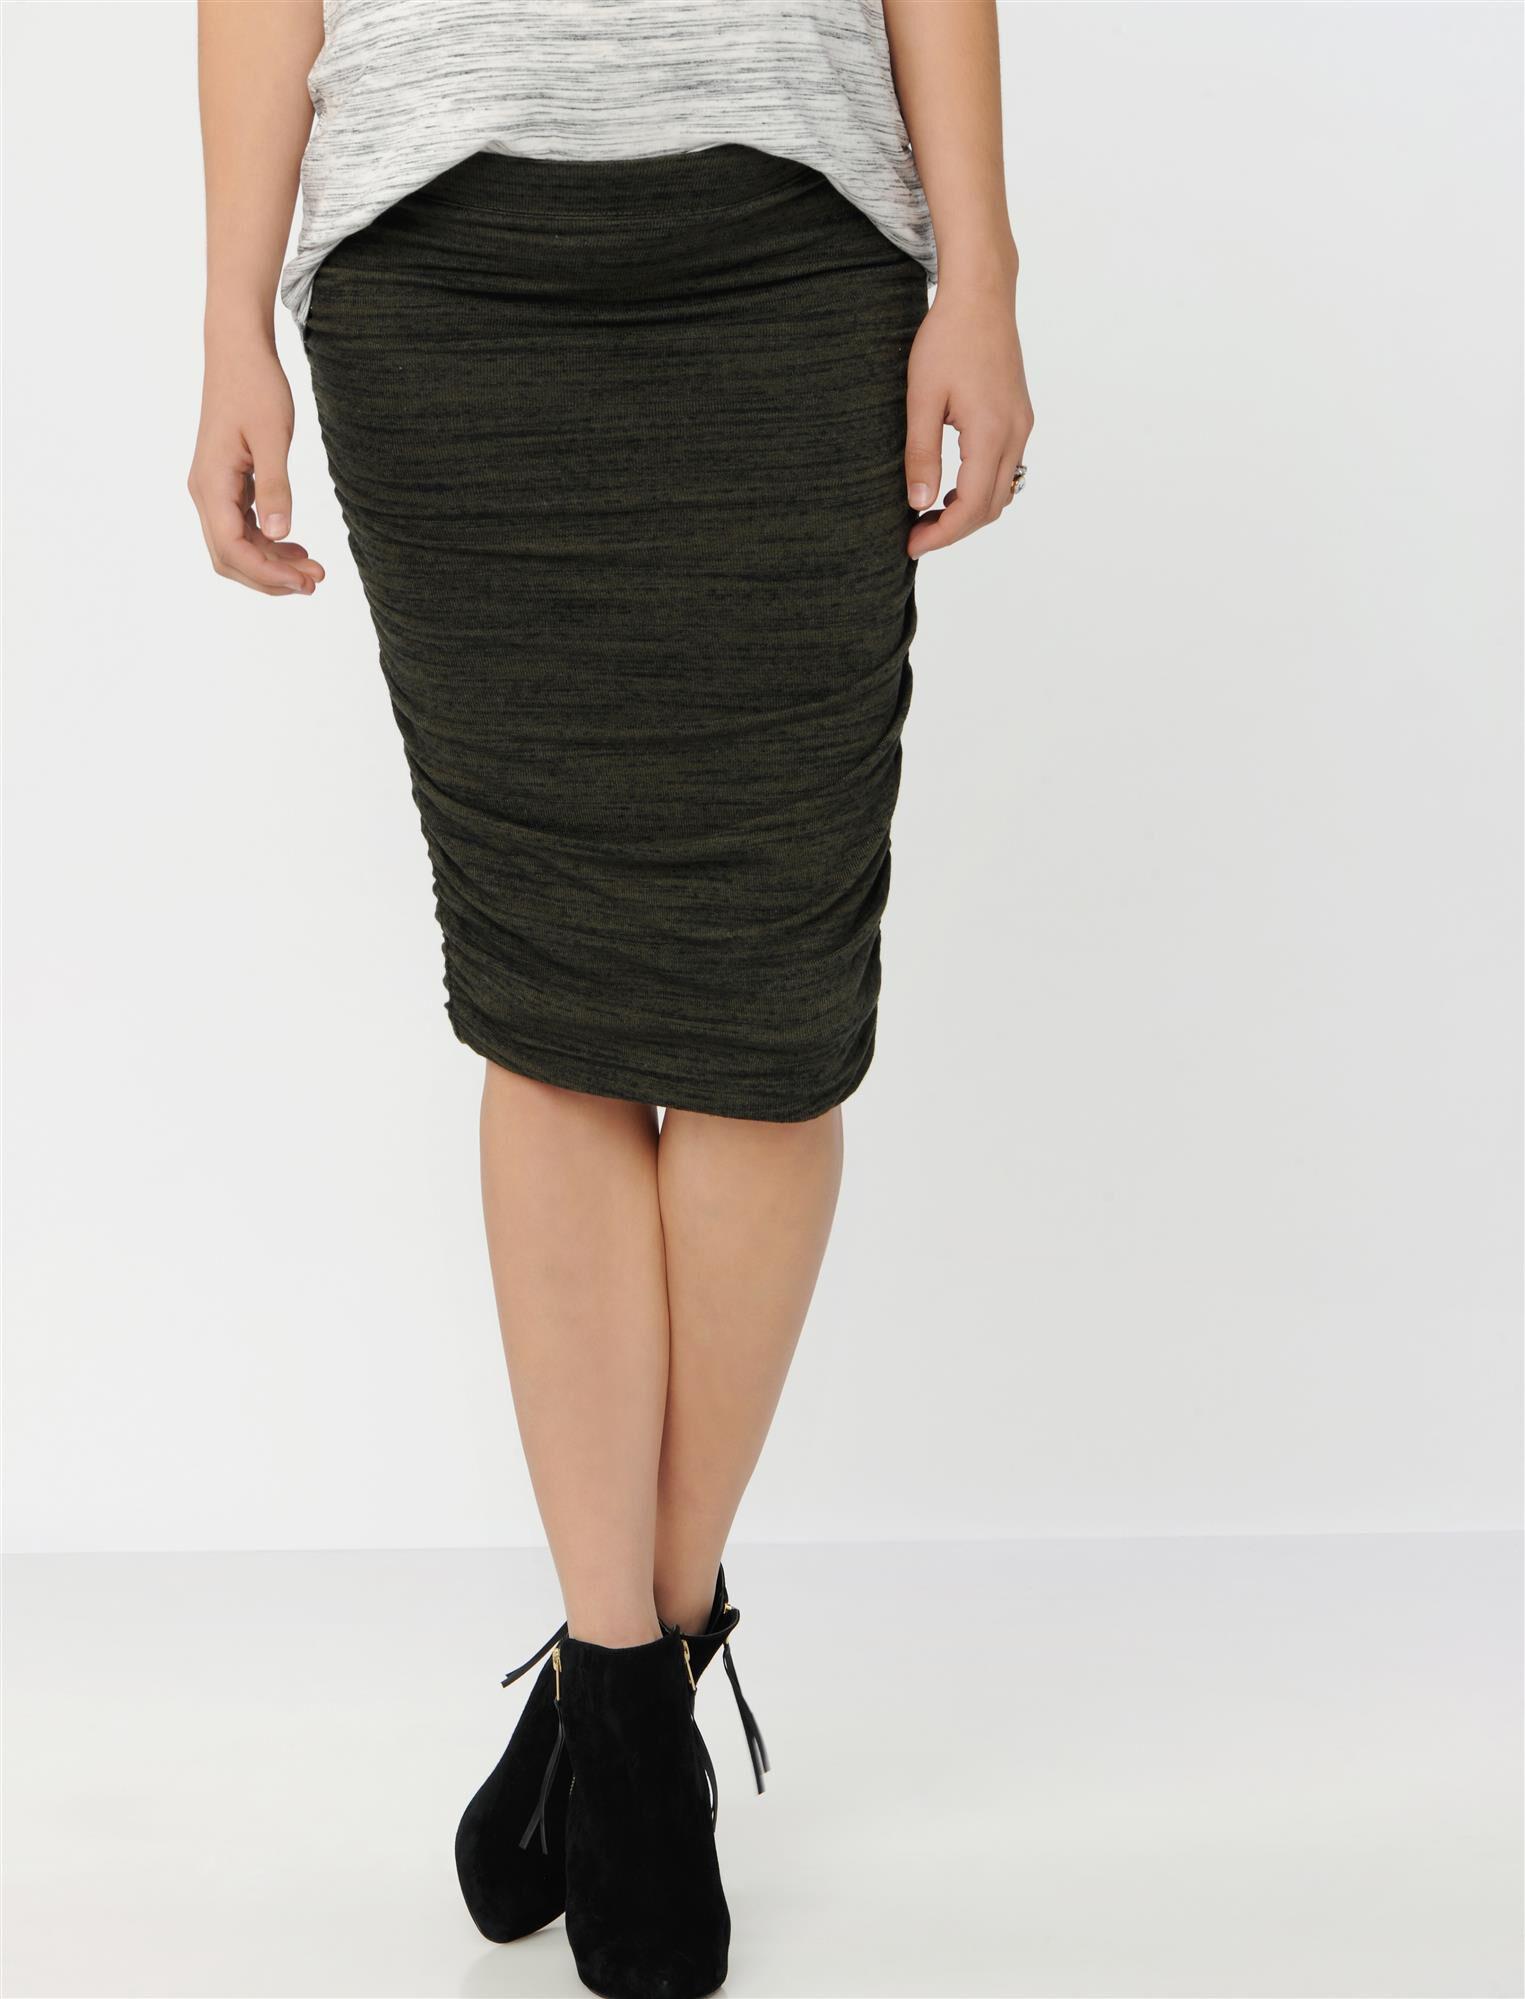 Splendid No Belly Maternity Skirt